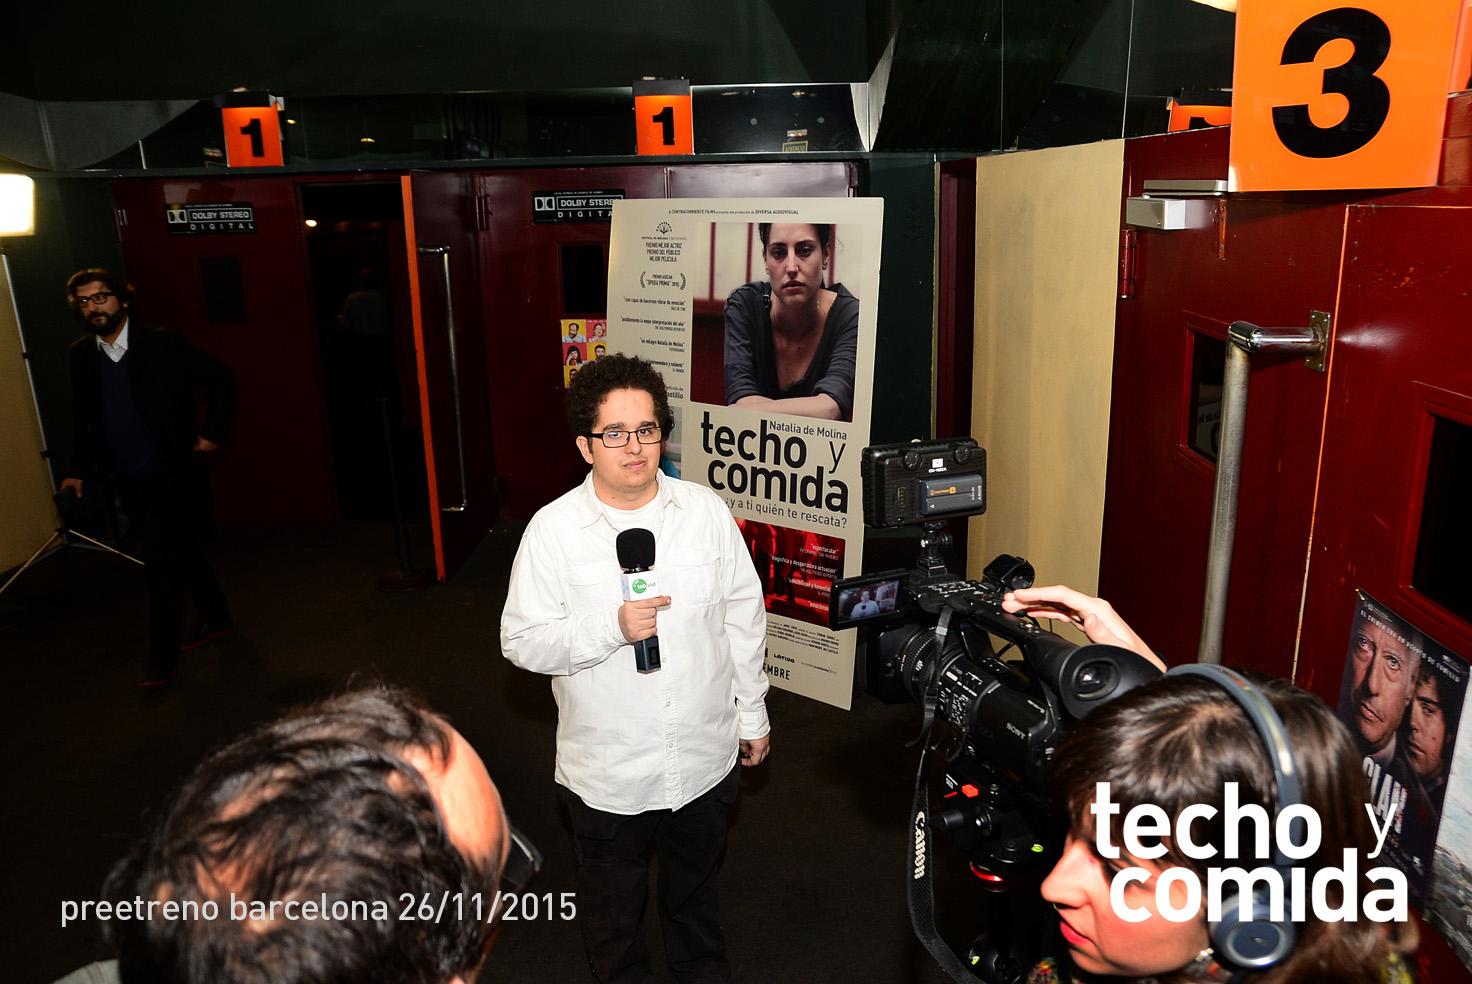 Barcelona_007_Techo y comida